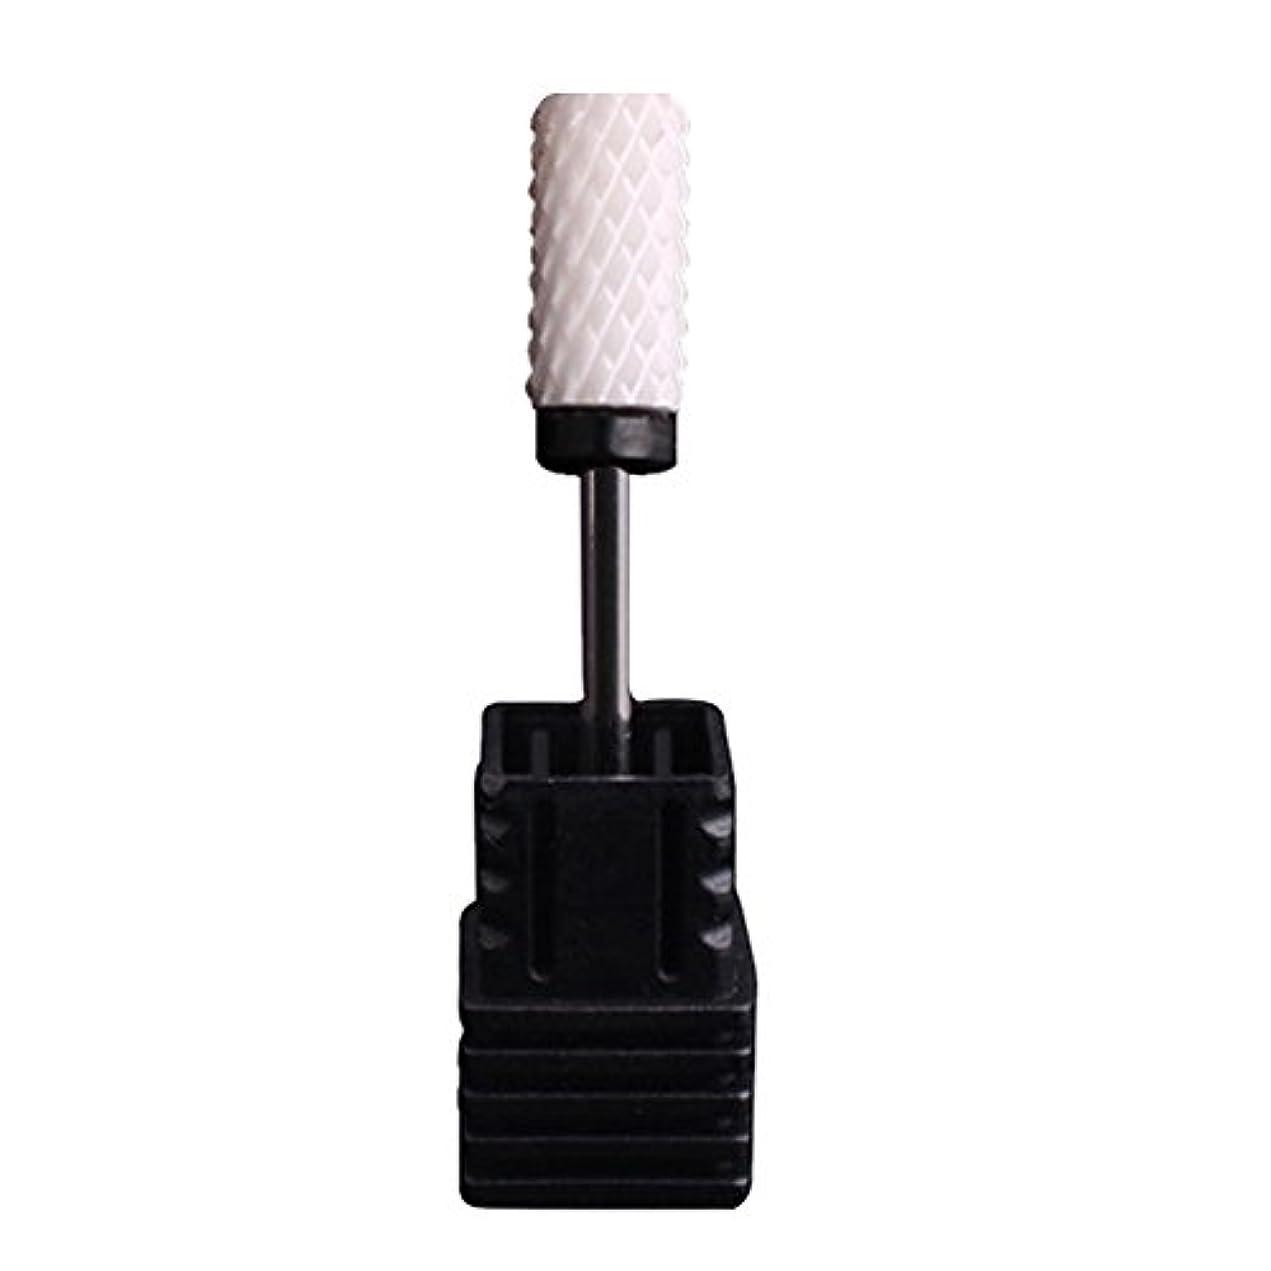 気付くより多いTerGOOSE 陶磁器ドリルビット ネイルマシンビット 研削ネイル ネイルドリルビット ネイルマシーン用ビット 爪ドリルビット 交換用品 耐摩耗性 耐腐食性 高硬度 硬質セラミックドリルビット(XC)